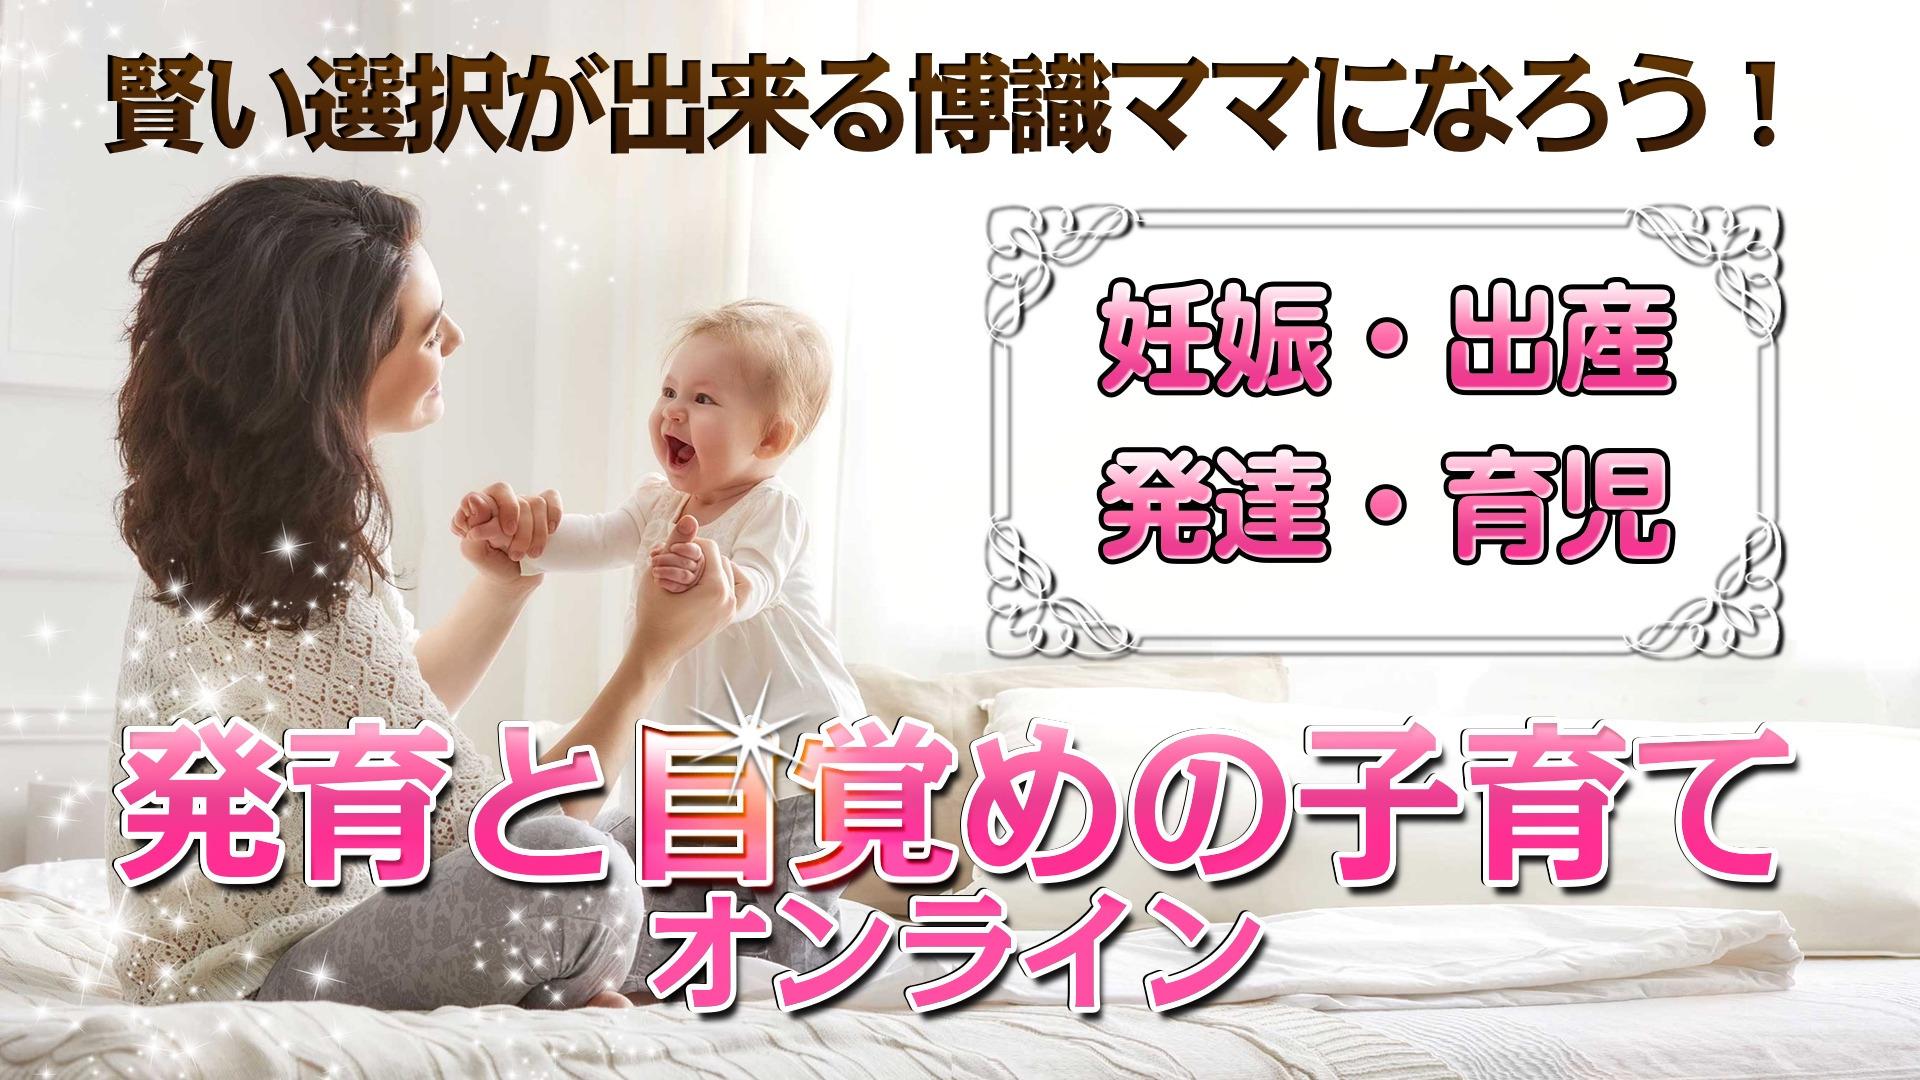 博識Superママを増やすお手伝い!Tan Chan - 発育と目覚めの子育てオンライン(妊娠・出産・発達・育児) - DMM オンラインサロン